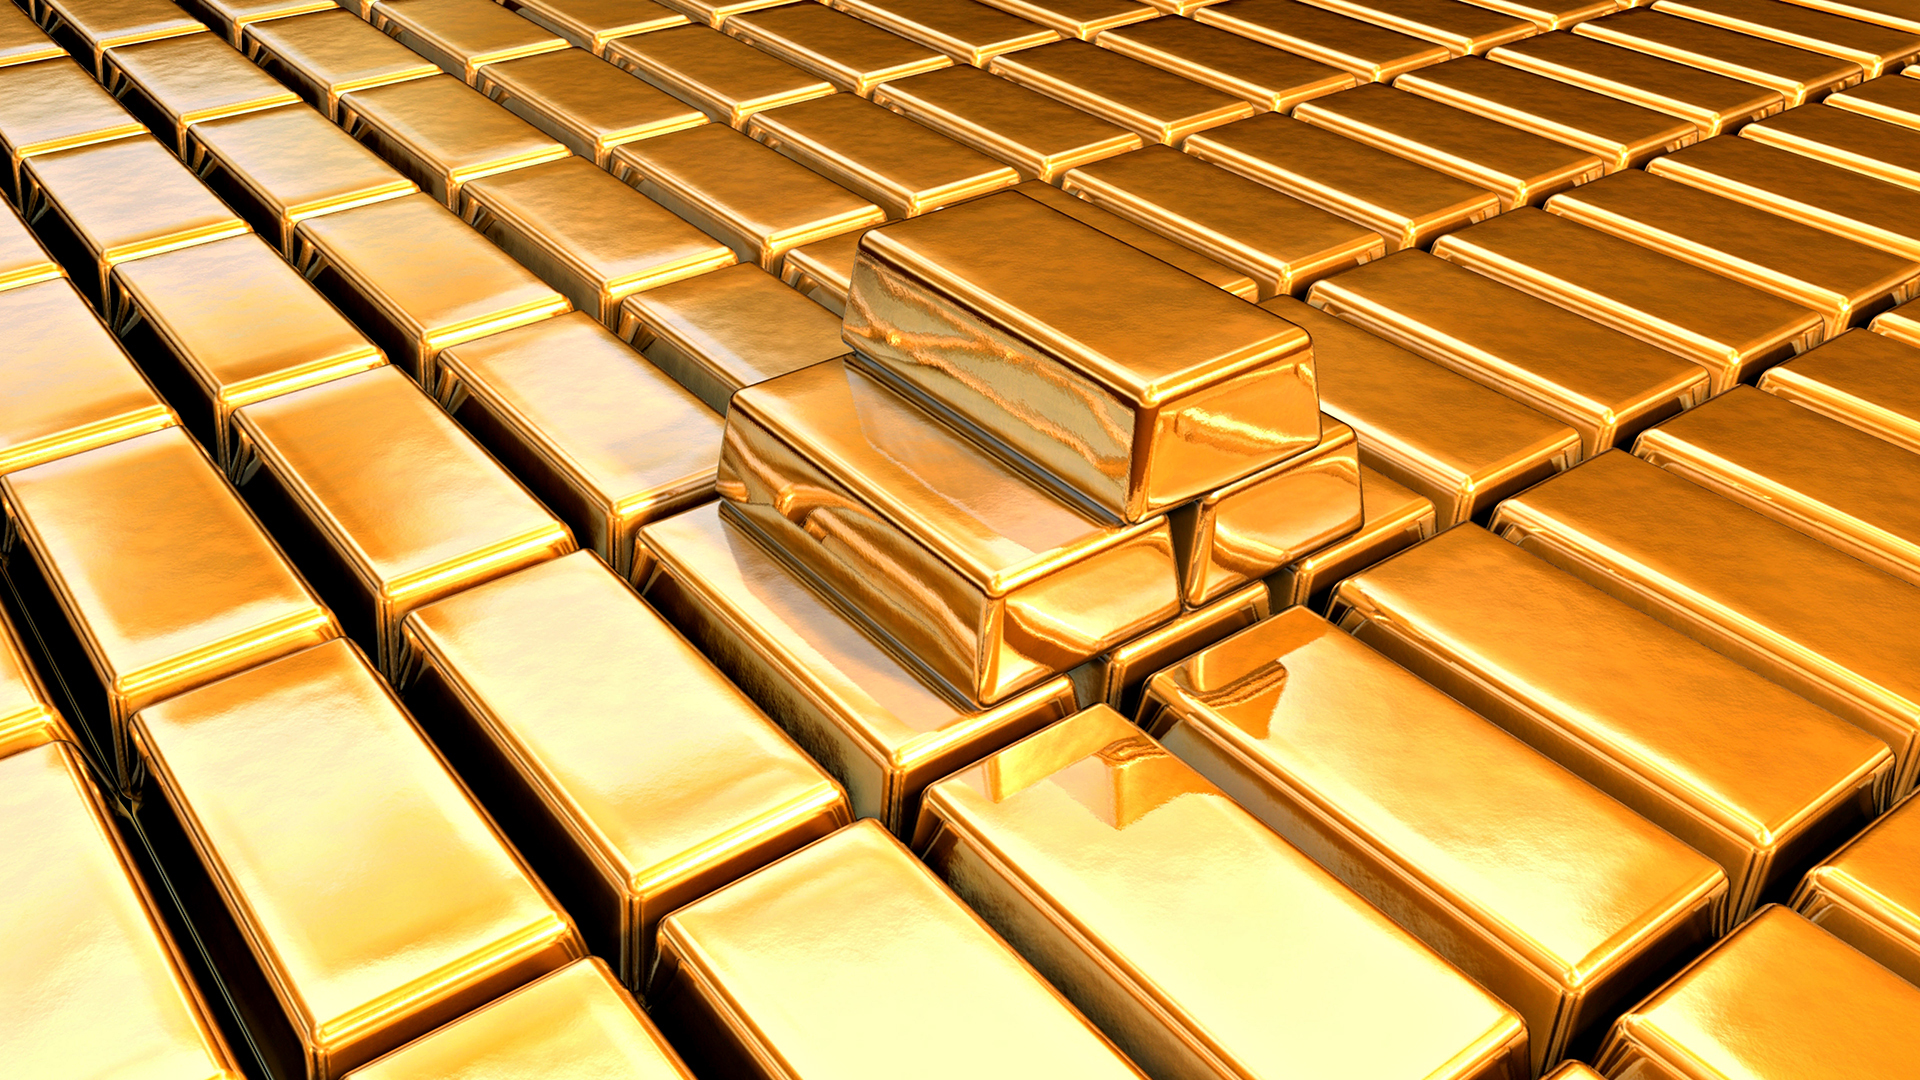 картинки для рабочего стола деньги золото популярные отзывы раздела